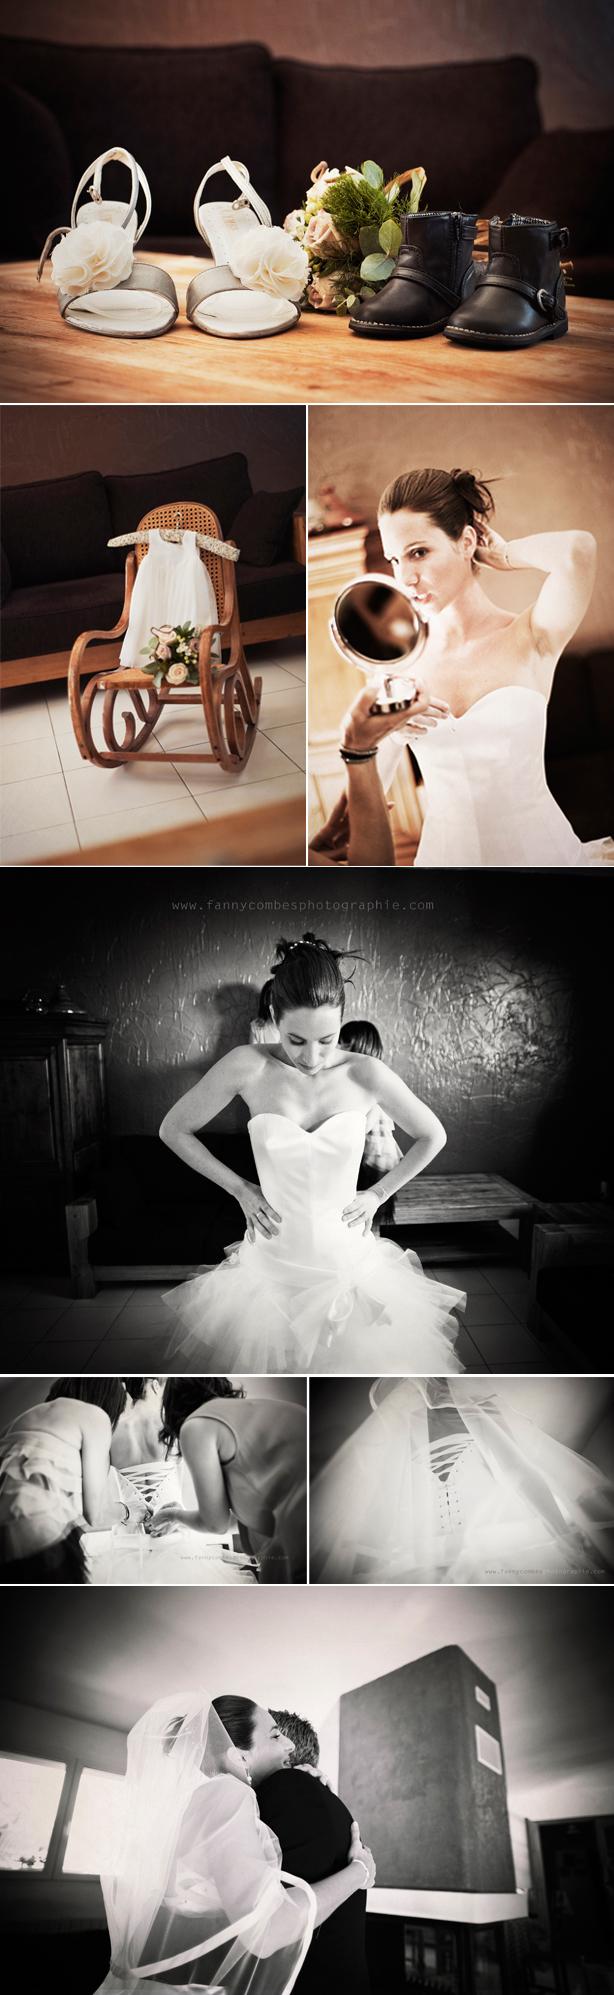 Photo chaussures mariée + chaussures enfant Photo robe enfant sur chaise en rotin Photos de préparation de la mariée